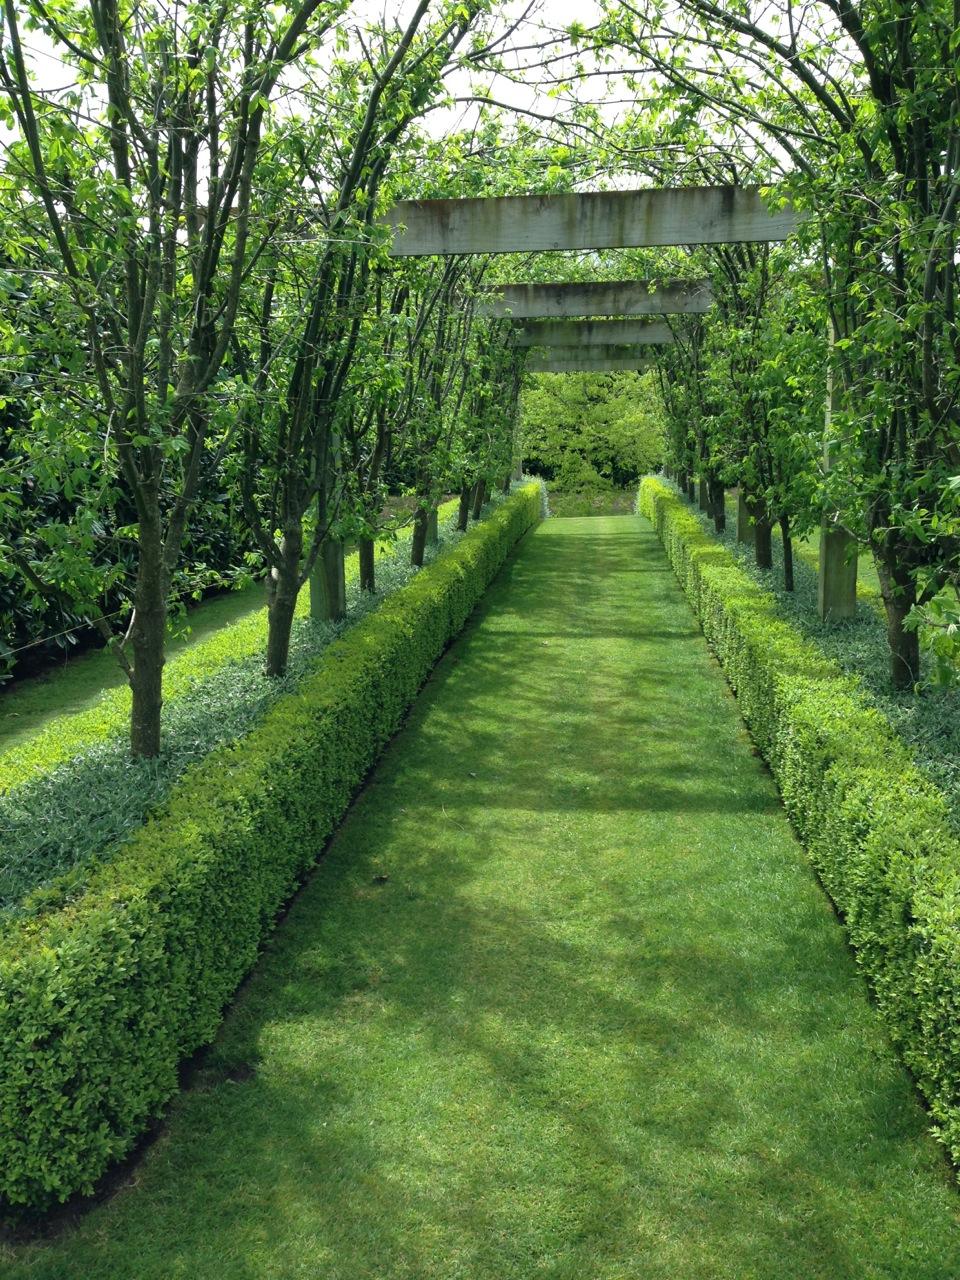 Gravetye garden hawera janna schreier garden design for Garden design fest 2014